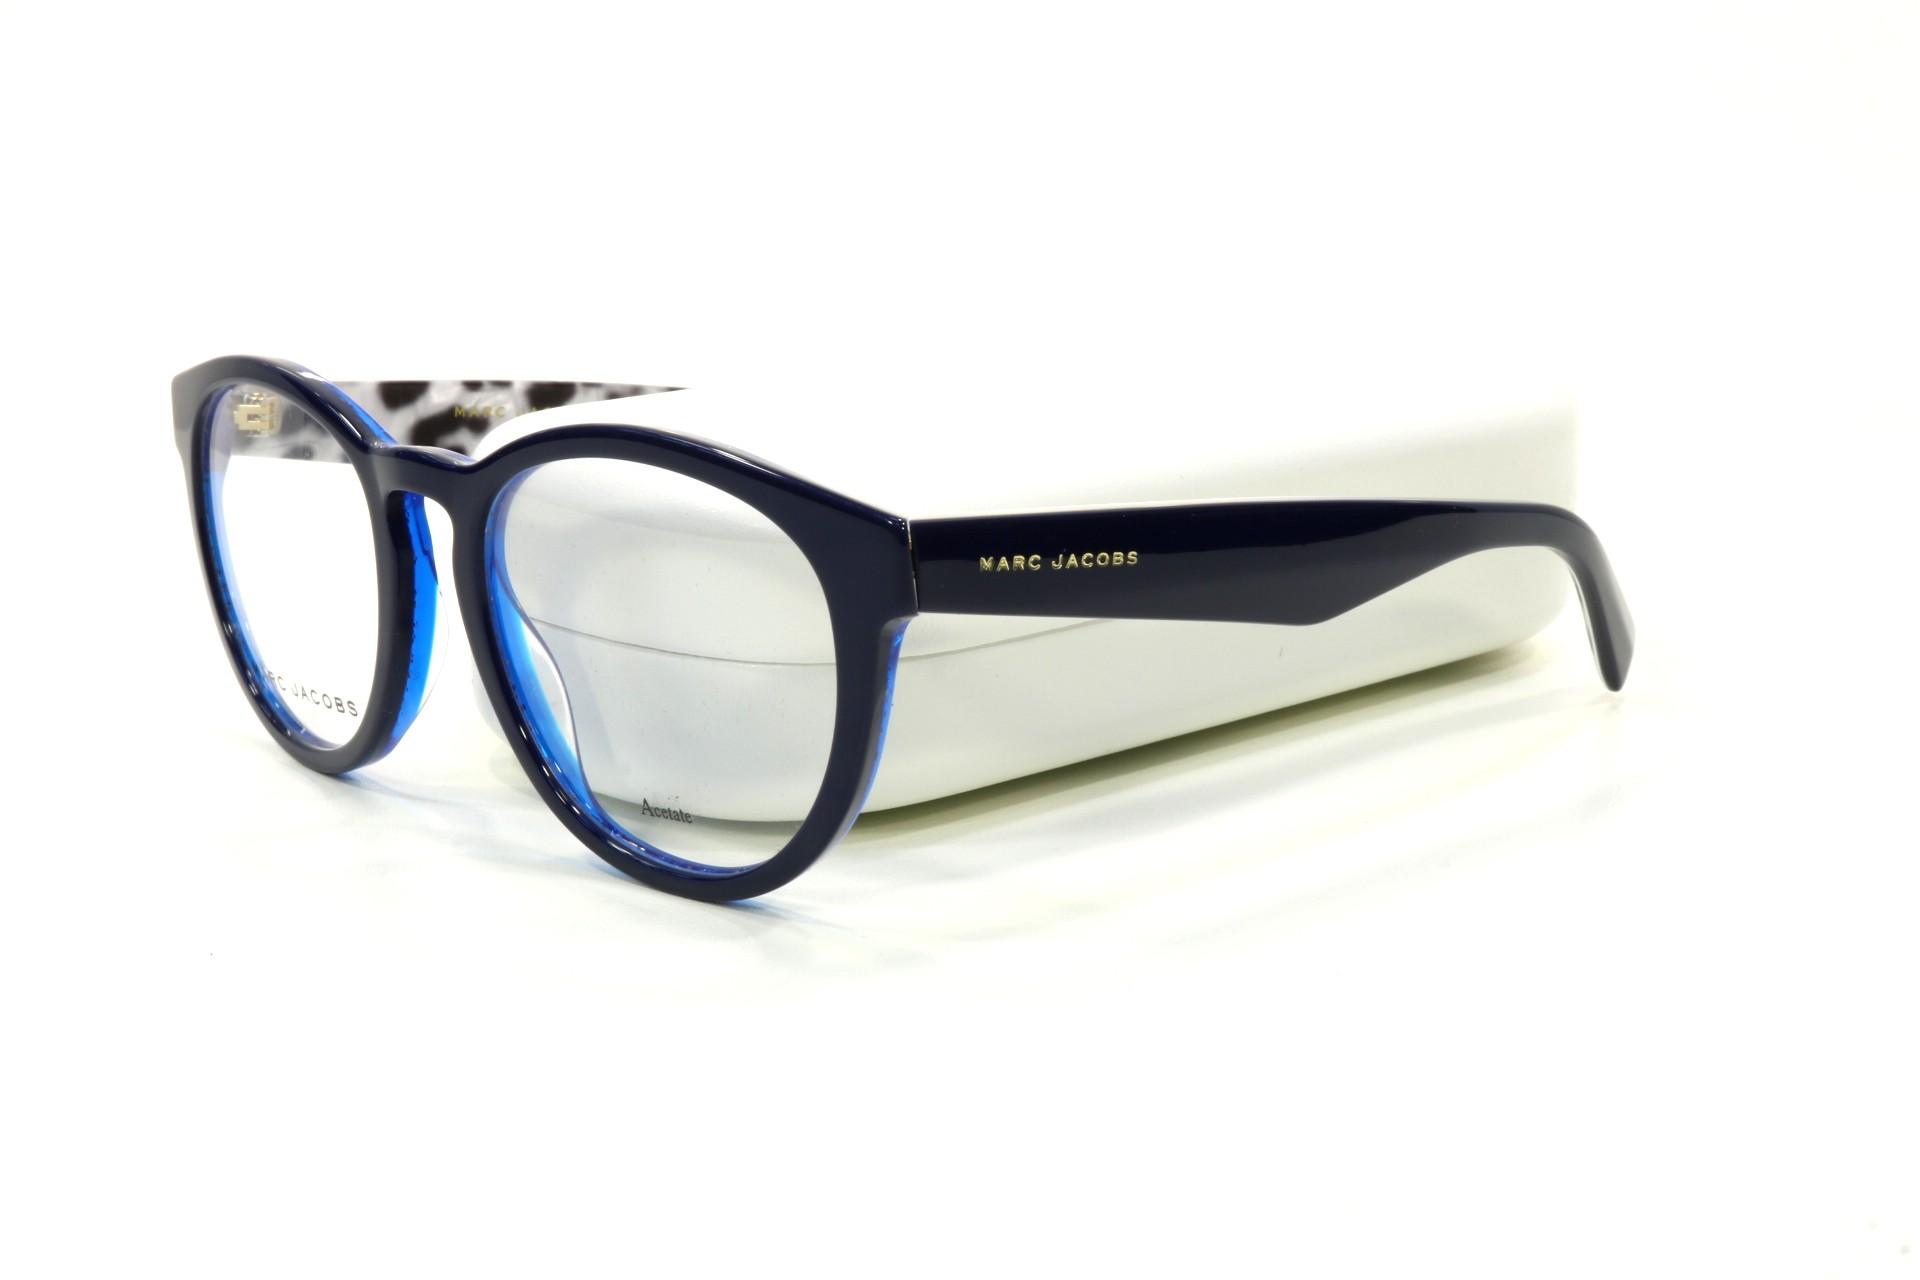 fbb5c4d42030 Медицинские очки Marc Jacobs MARC JACOBS MARC 237 JOJ 51 19 - купить по  низкой цене в интернет-магазине Линзмастер.